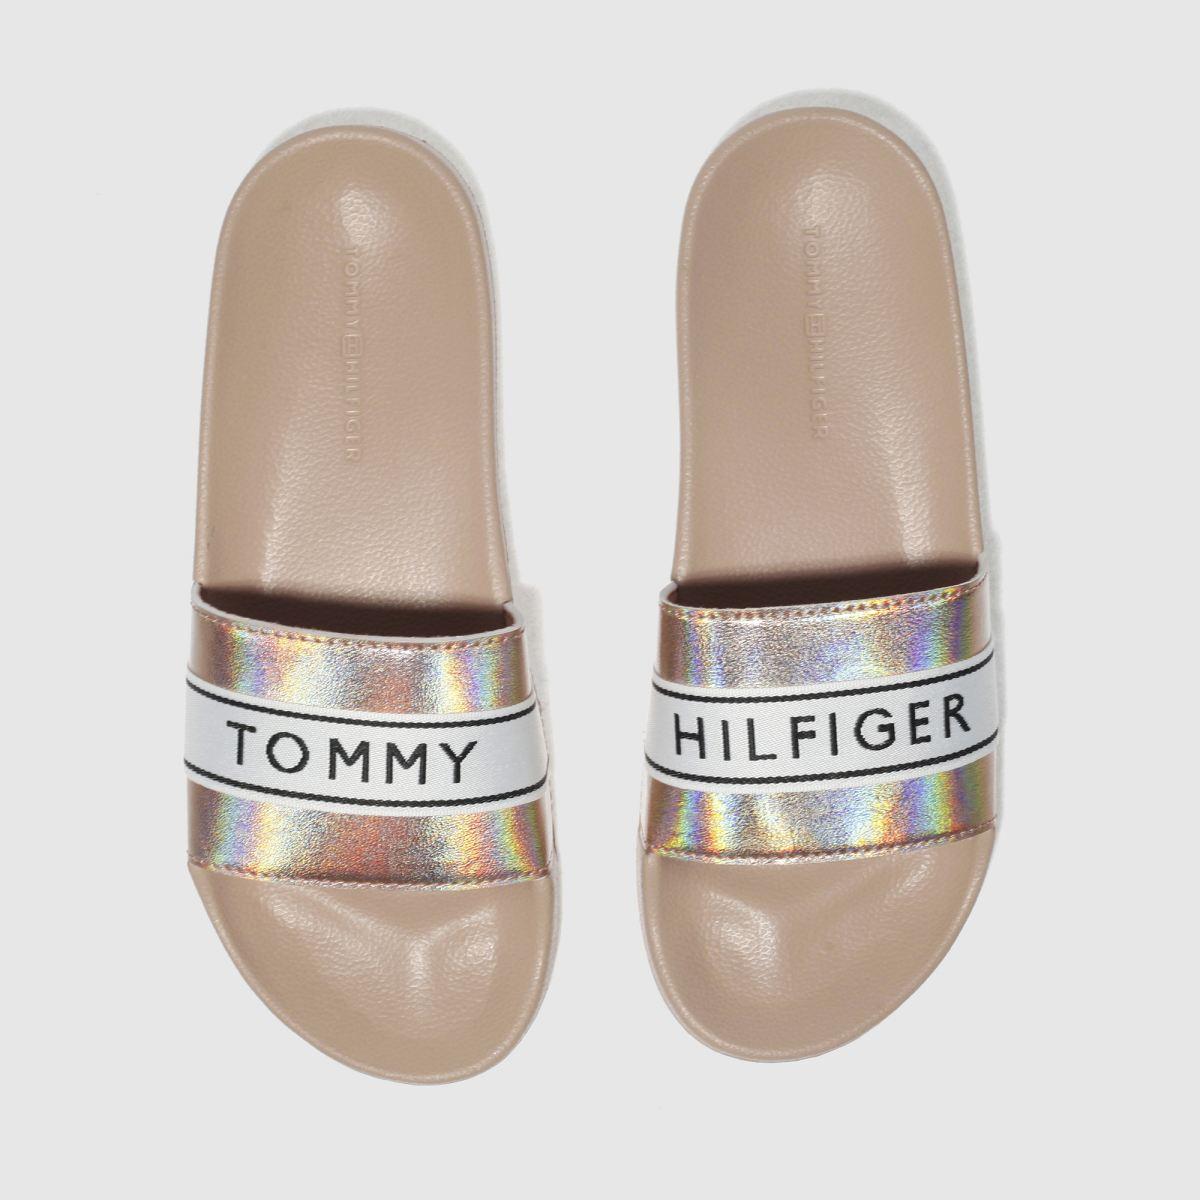 Tommy Hilfiger Pale Pink Mirror Sparkle Beach Slide Sandals